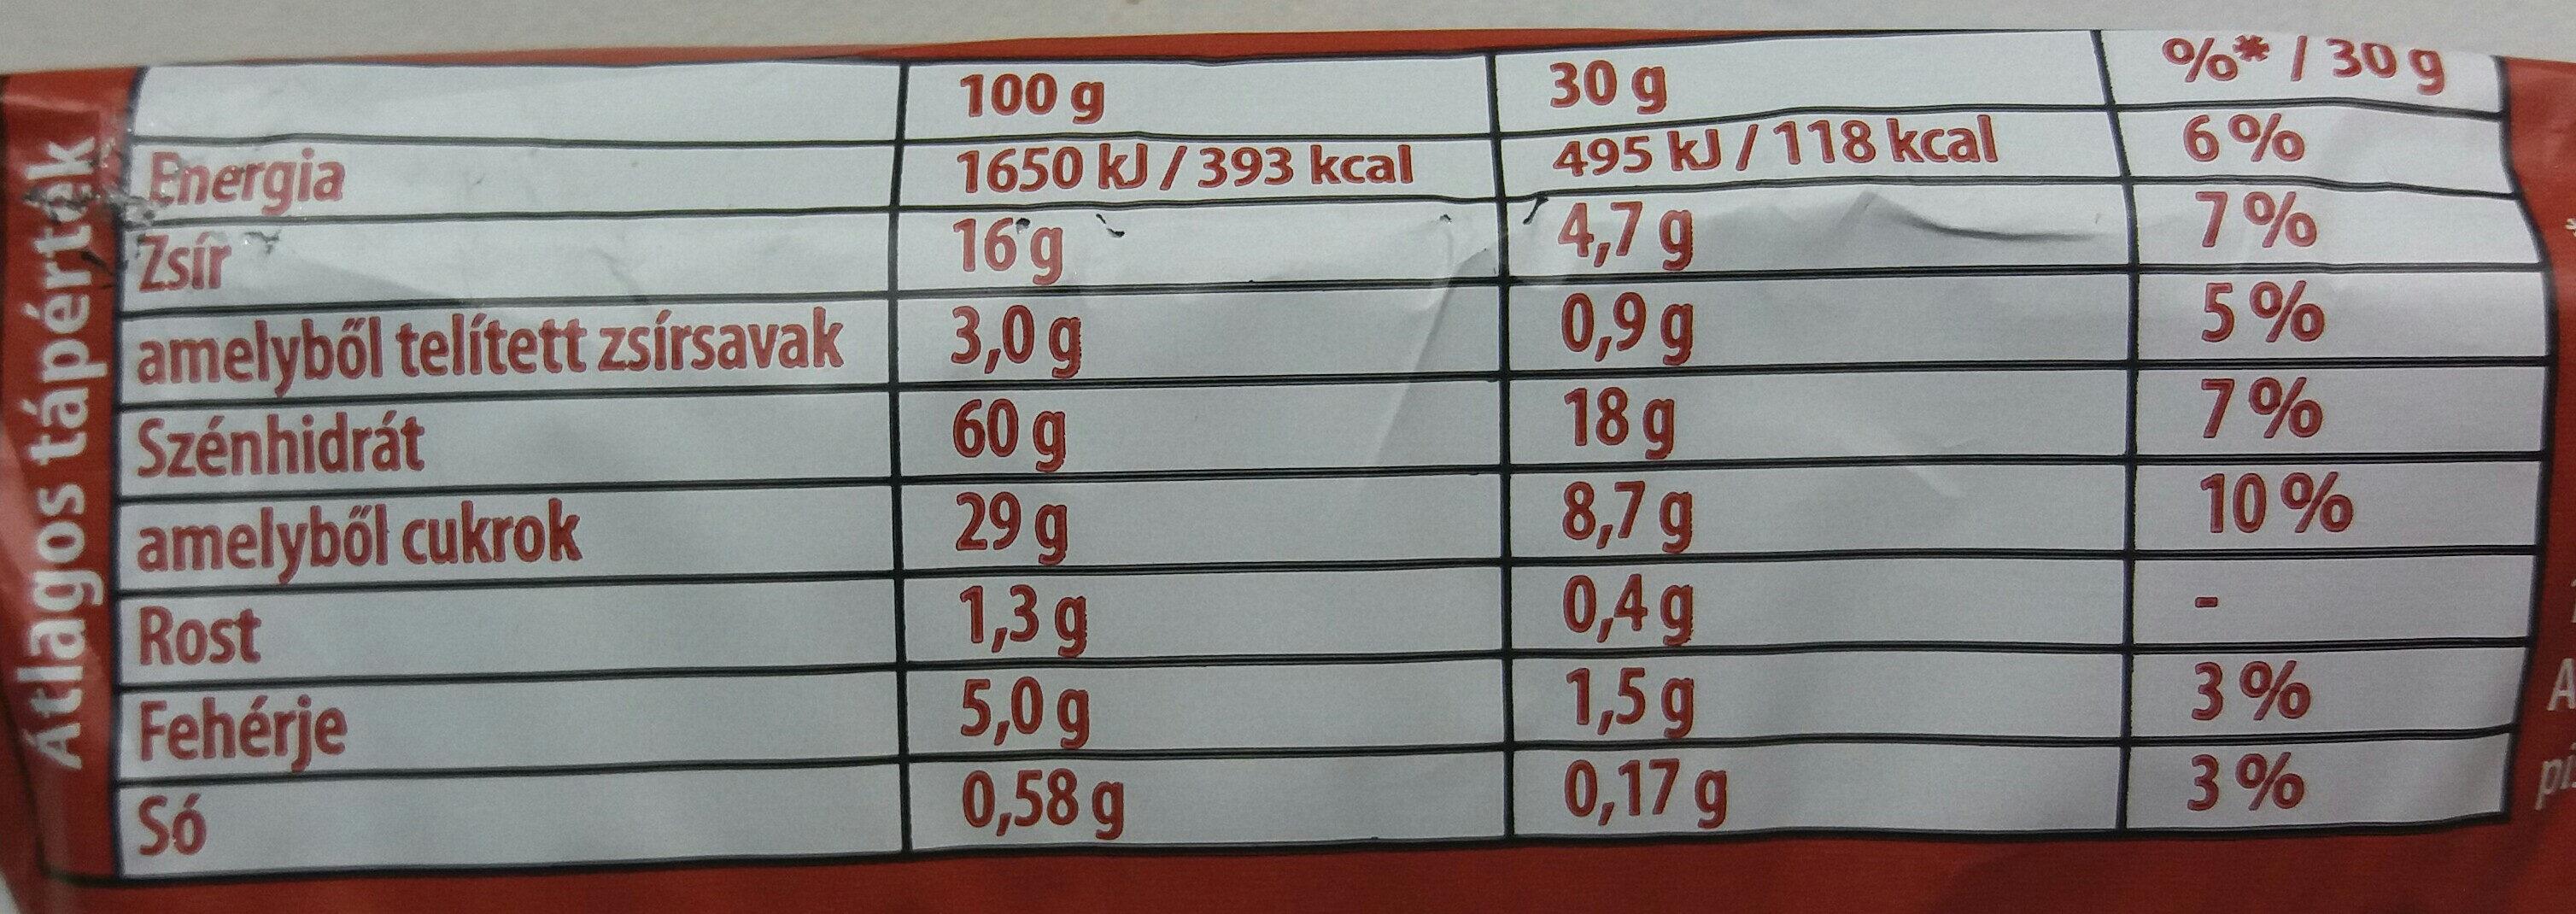 Dörmi, csokis - Nutrition facts - hu